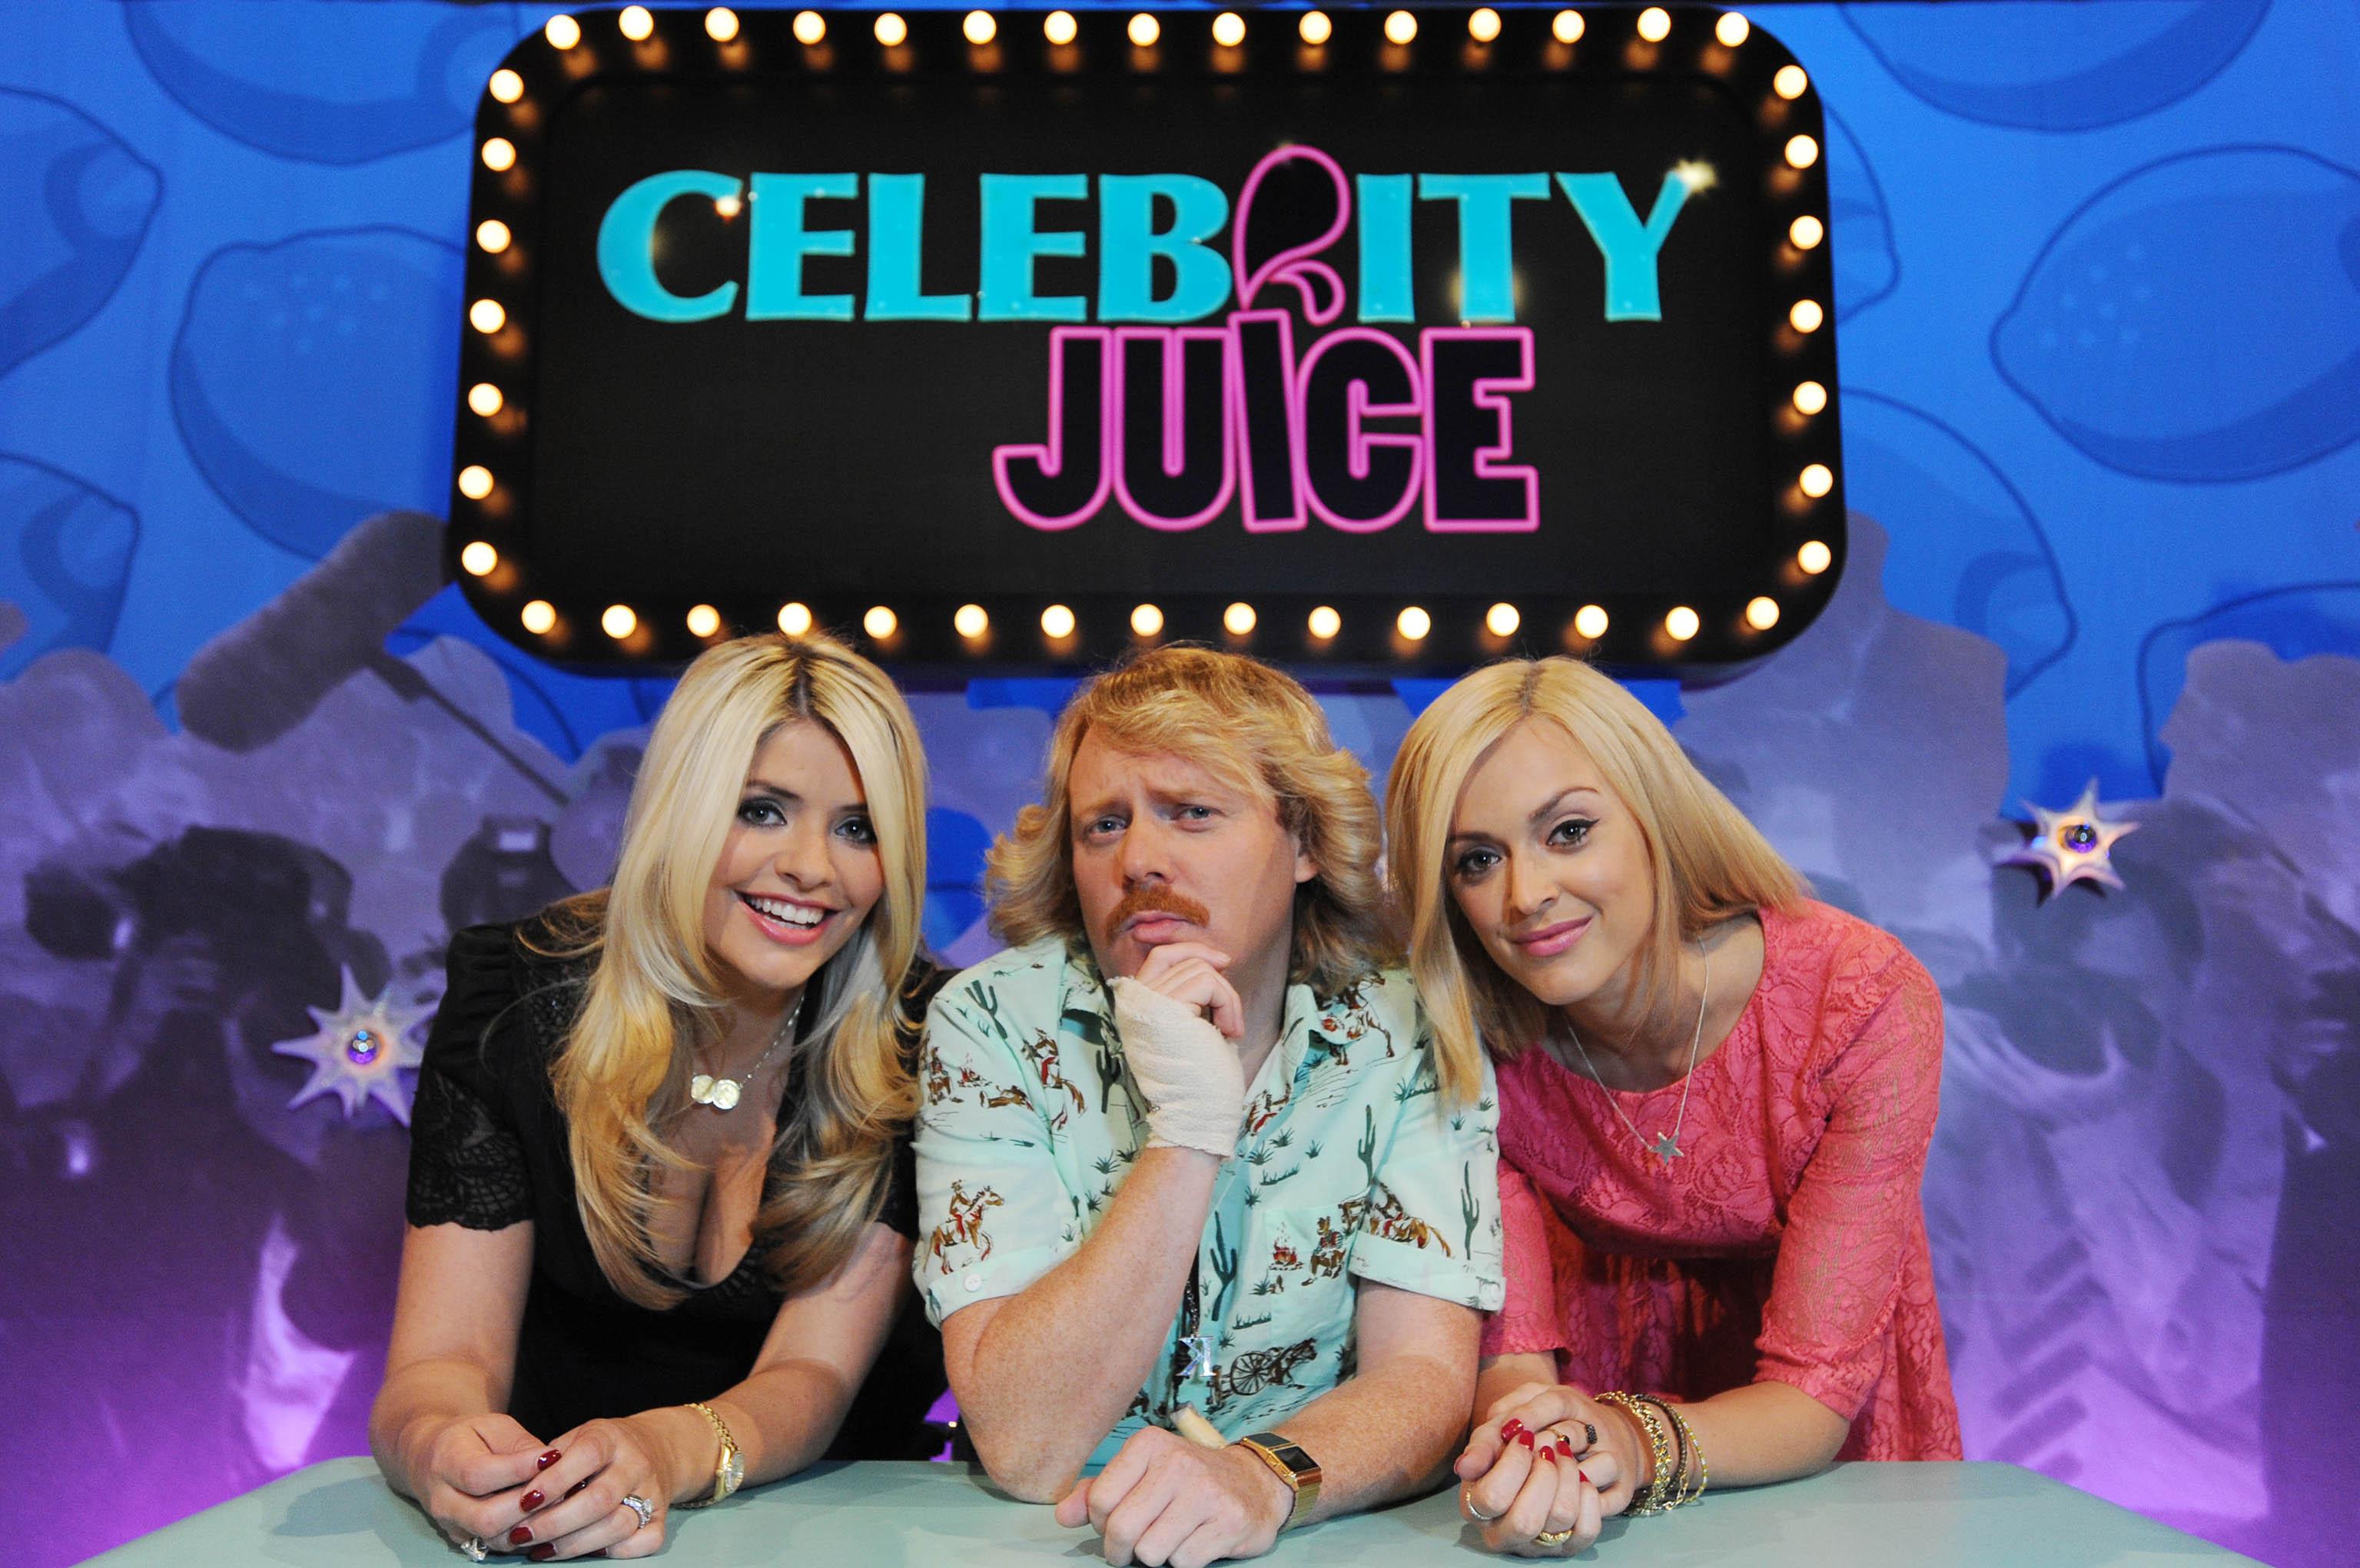 Watch Celebrity Juice - Season 20 - WatchSeries